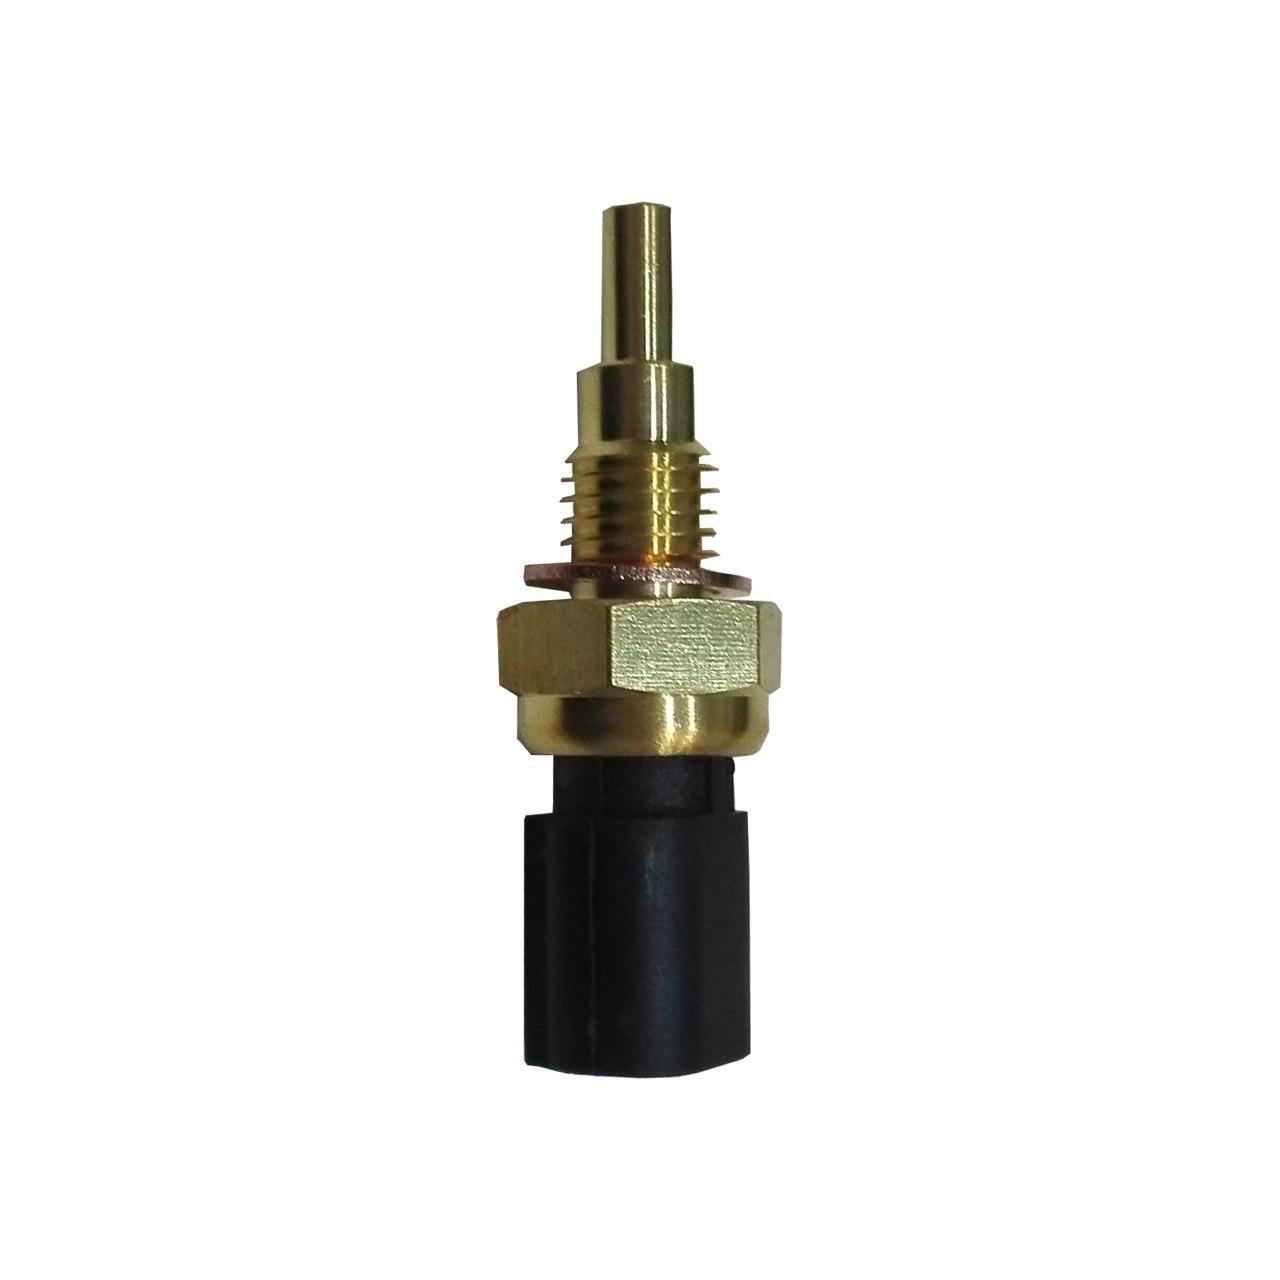 فشنگی آب مدل 3611070-EG01 مناسب برای ولکس C30